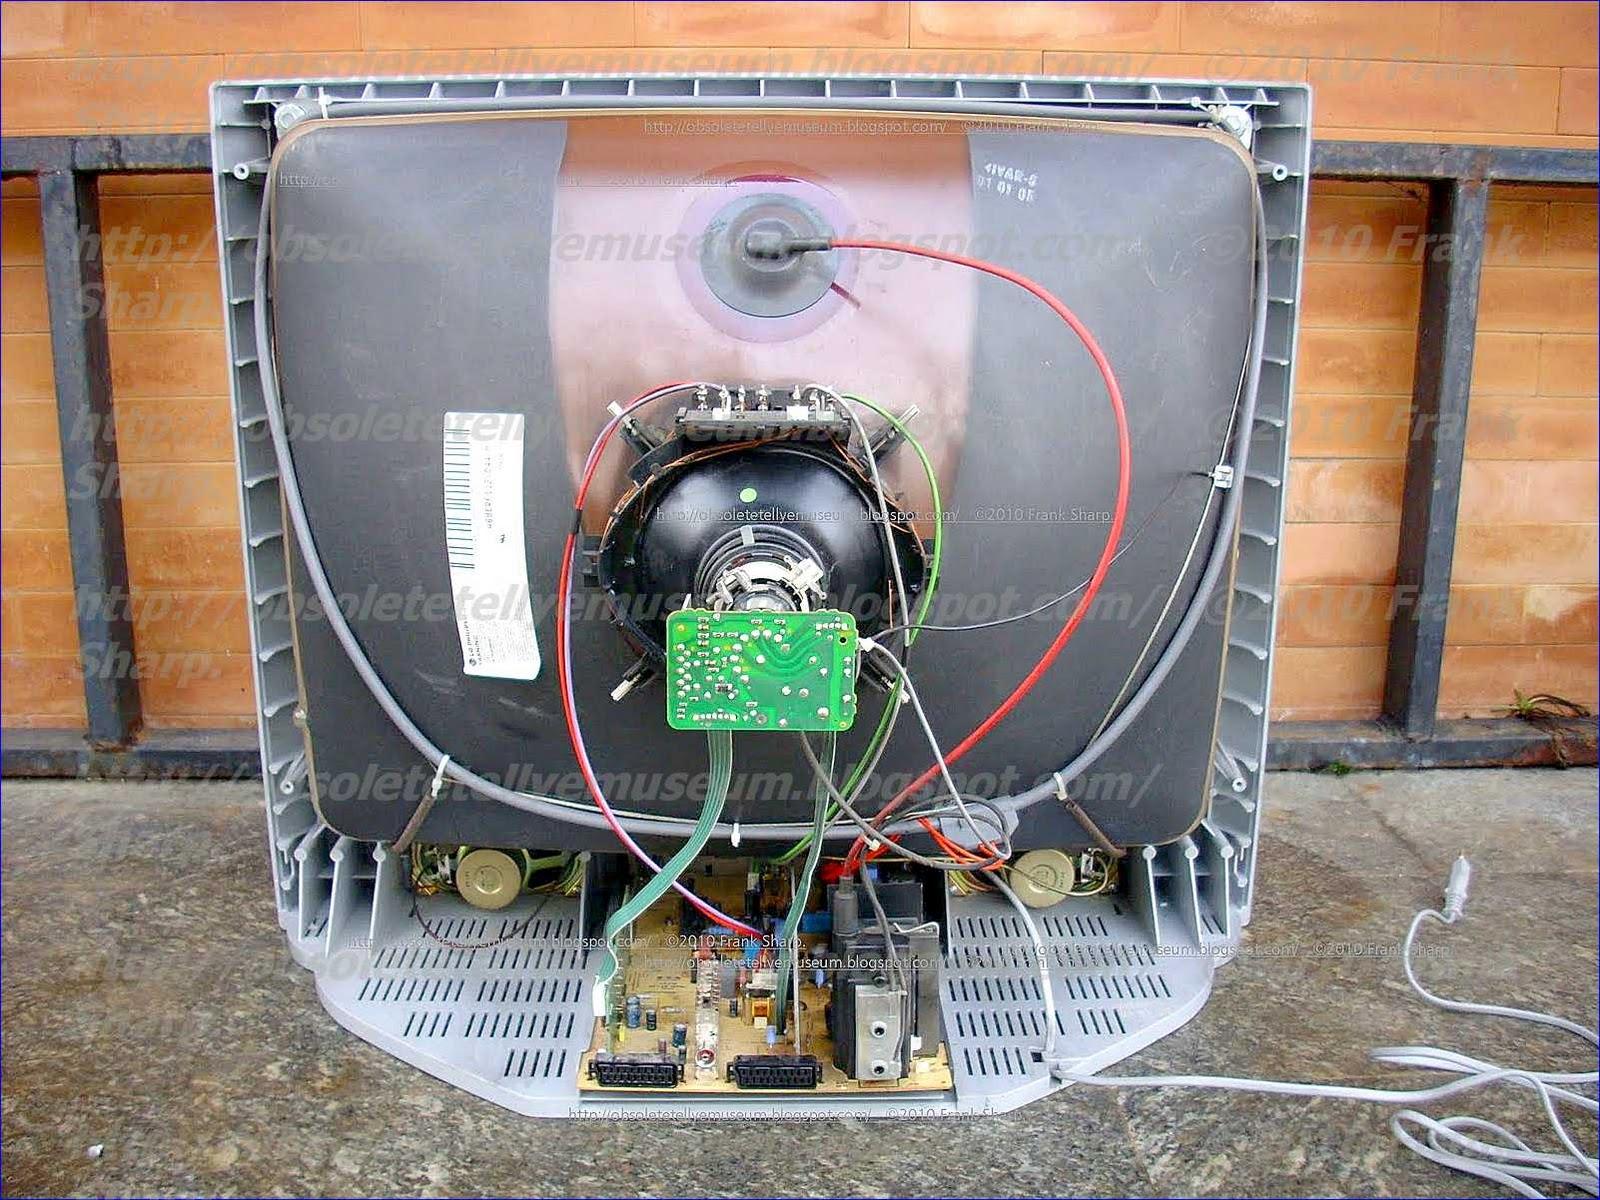 Obsolete Technology Tellye !: MIVAR 29MF101 100HZ CHASSIS CS1118 ...